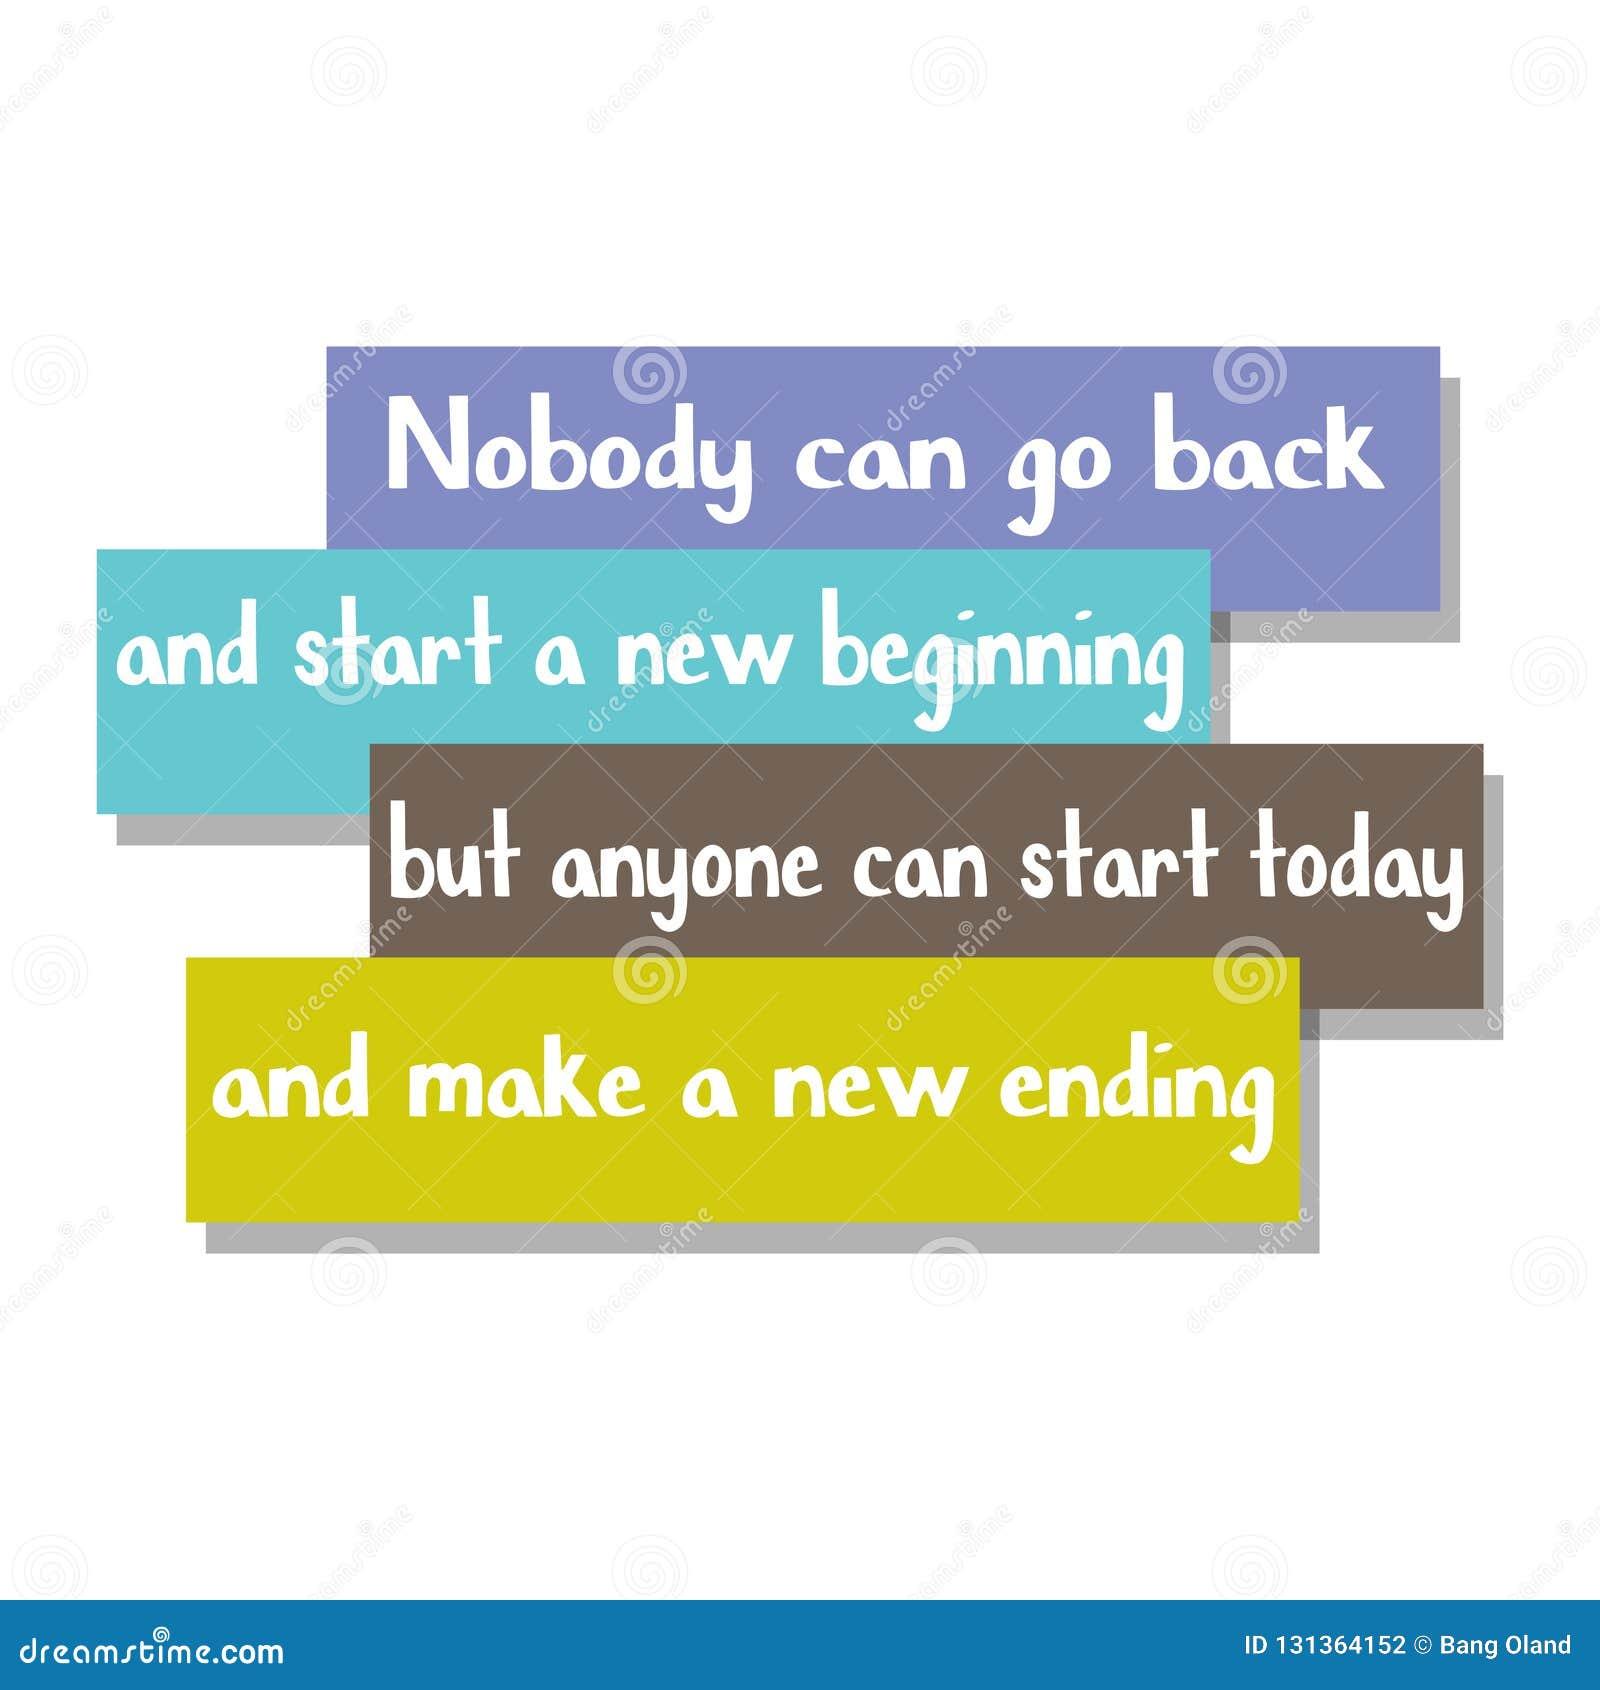 Ninguém pode ir para trás e começar um começo novo mas qualquer um pode começar hoje e fazer um término novo